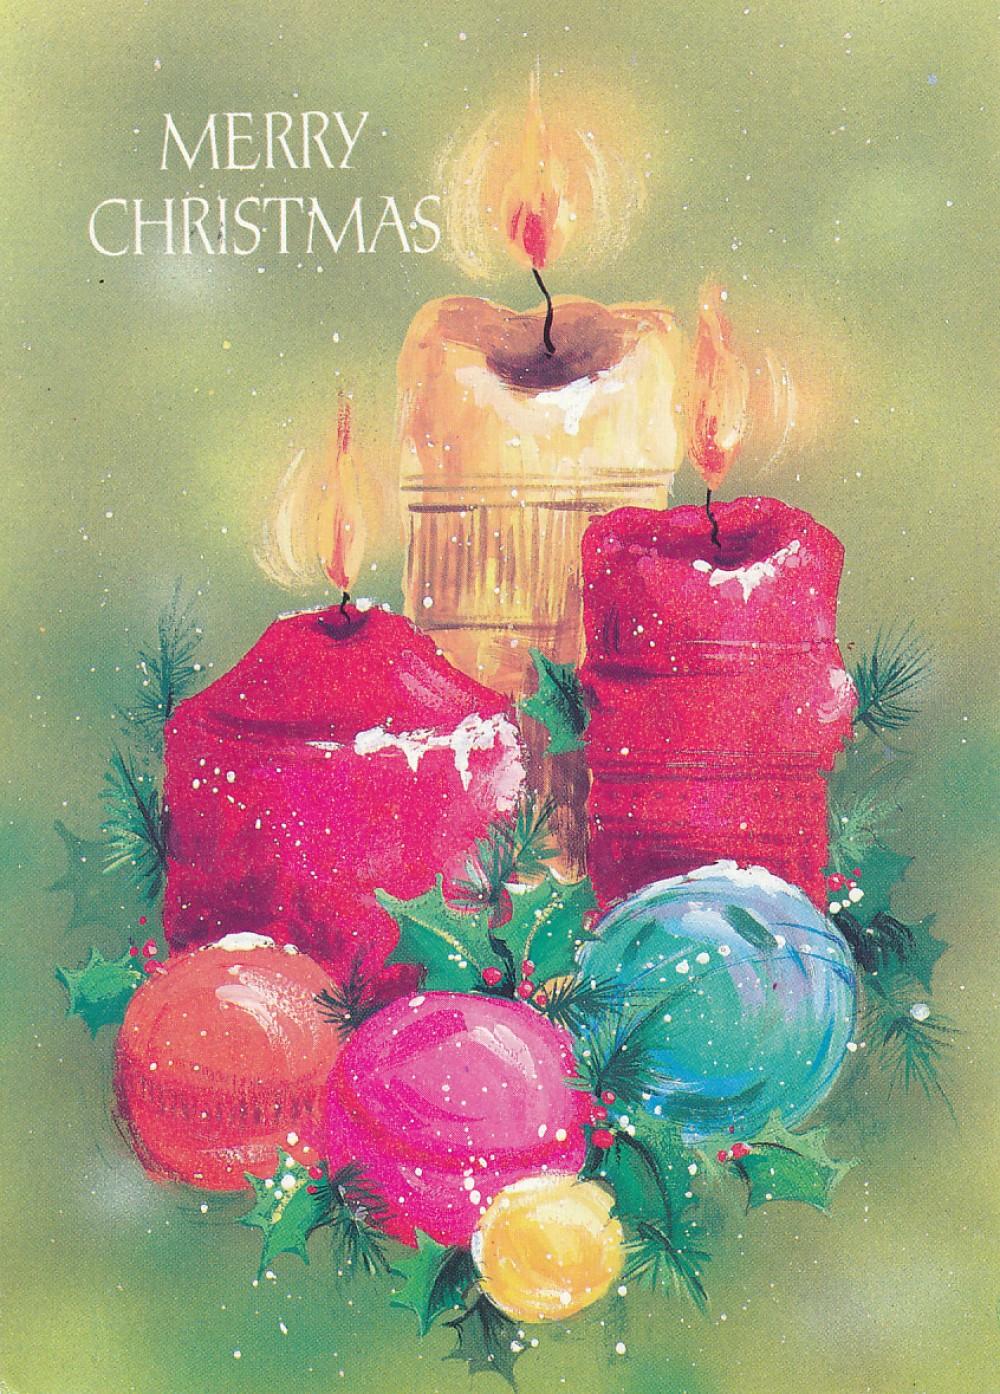 K. Barėno Kalėdų ir Naujųjų metų sveikinimas A. ir S. Santvarams. Didžioji Britanija, 1985 m.